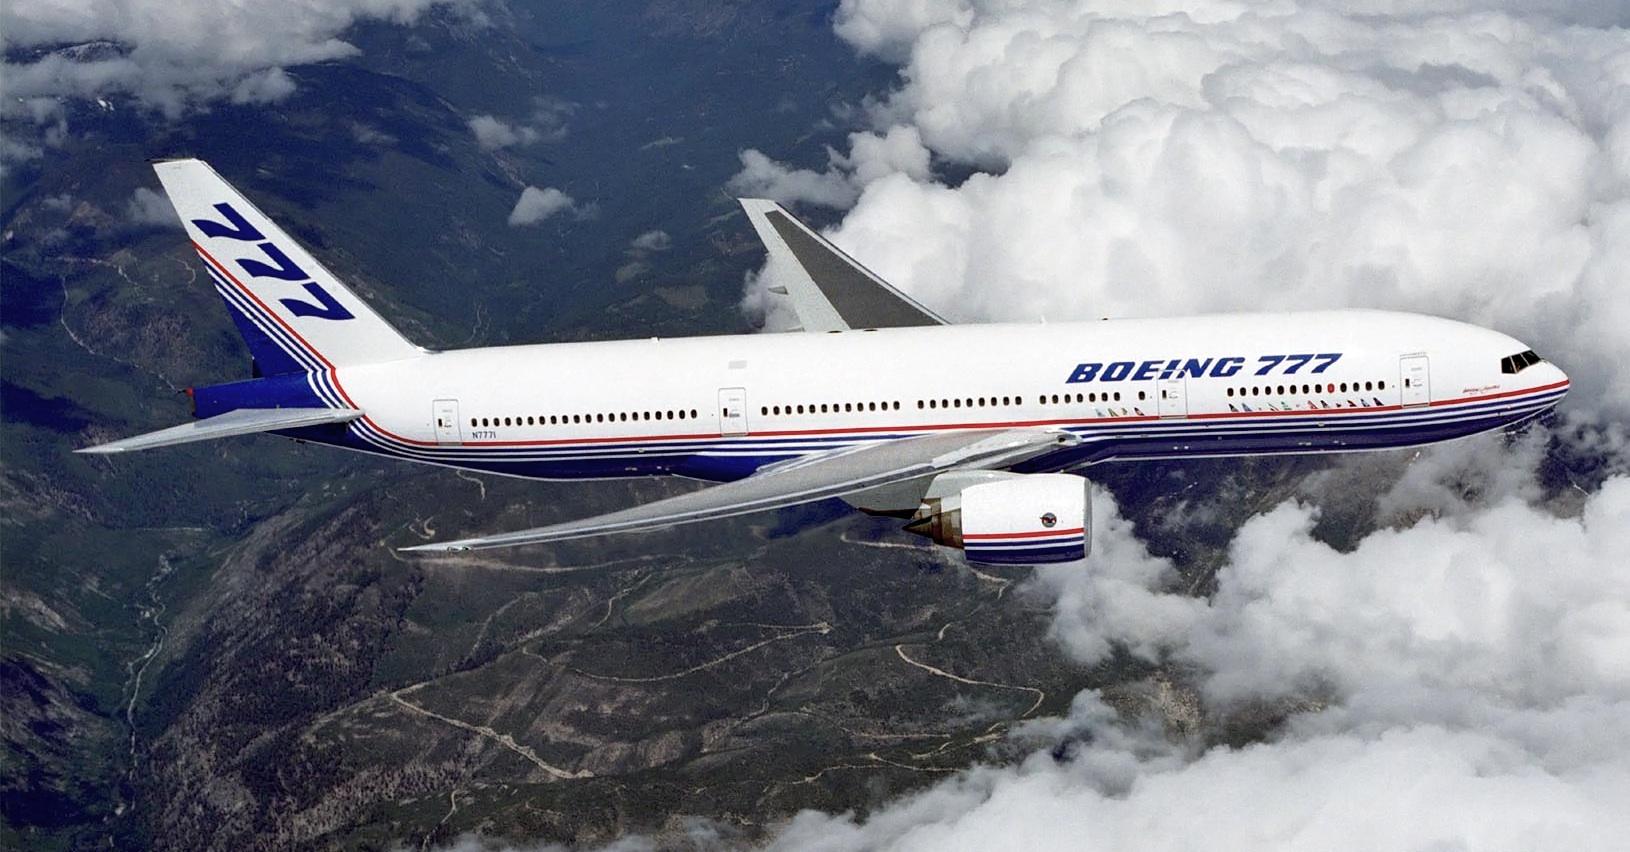 Un avion cu pasageri a luat foc imediat dupa decolare, in Republica Dominicana. Zborul avea ca destinatie Moscova